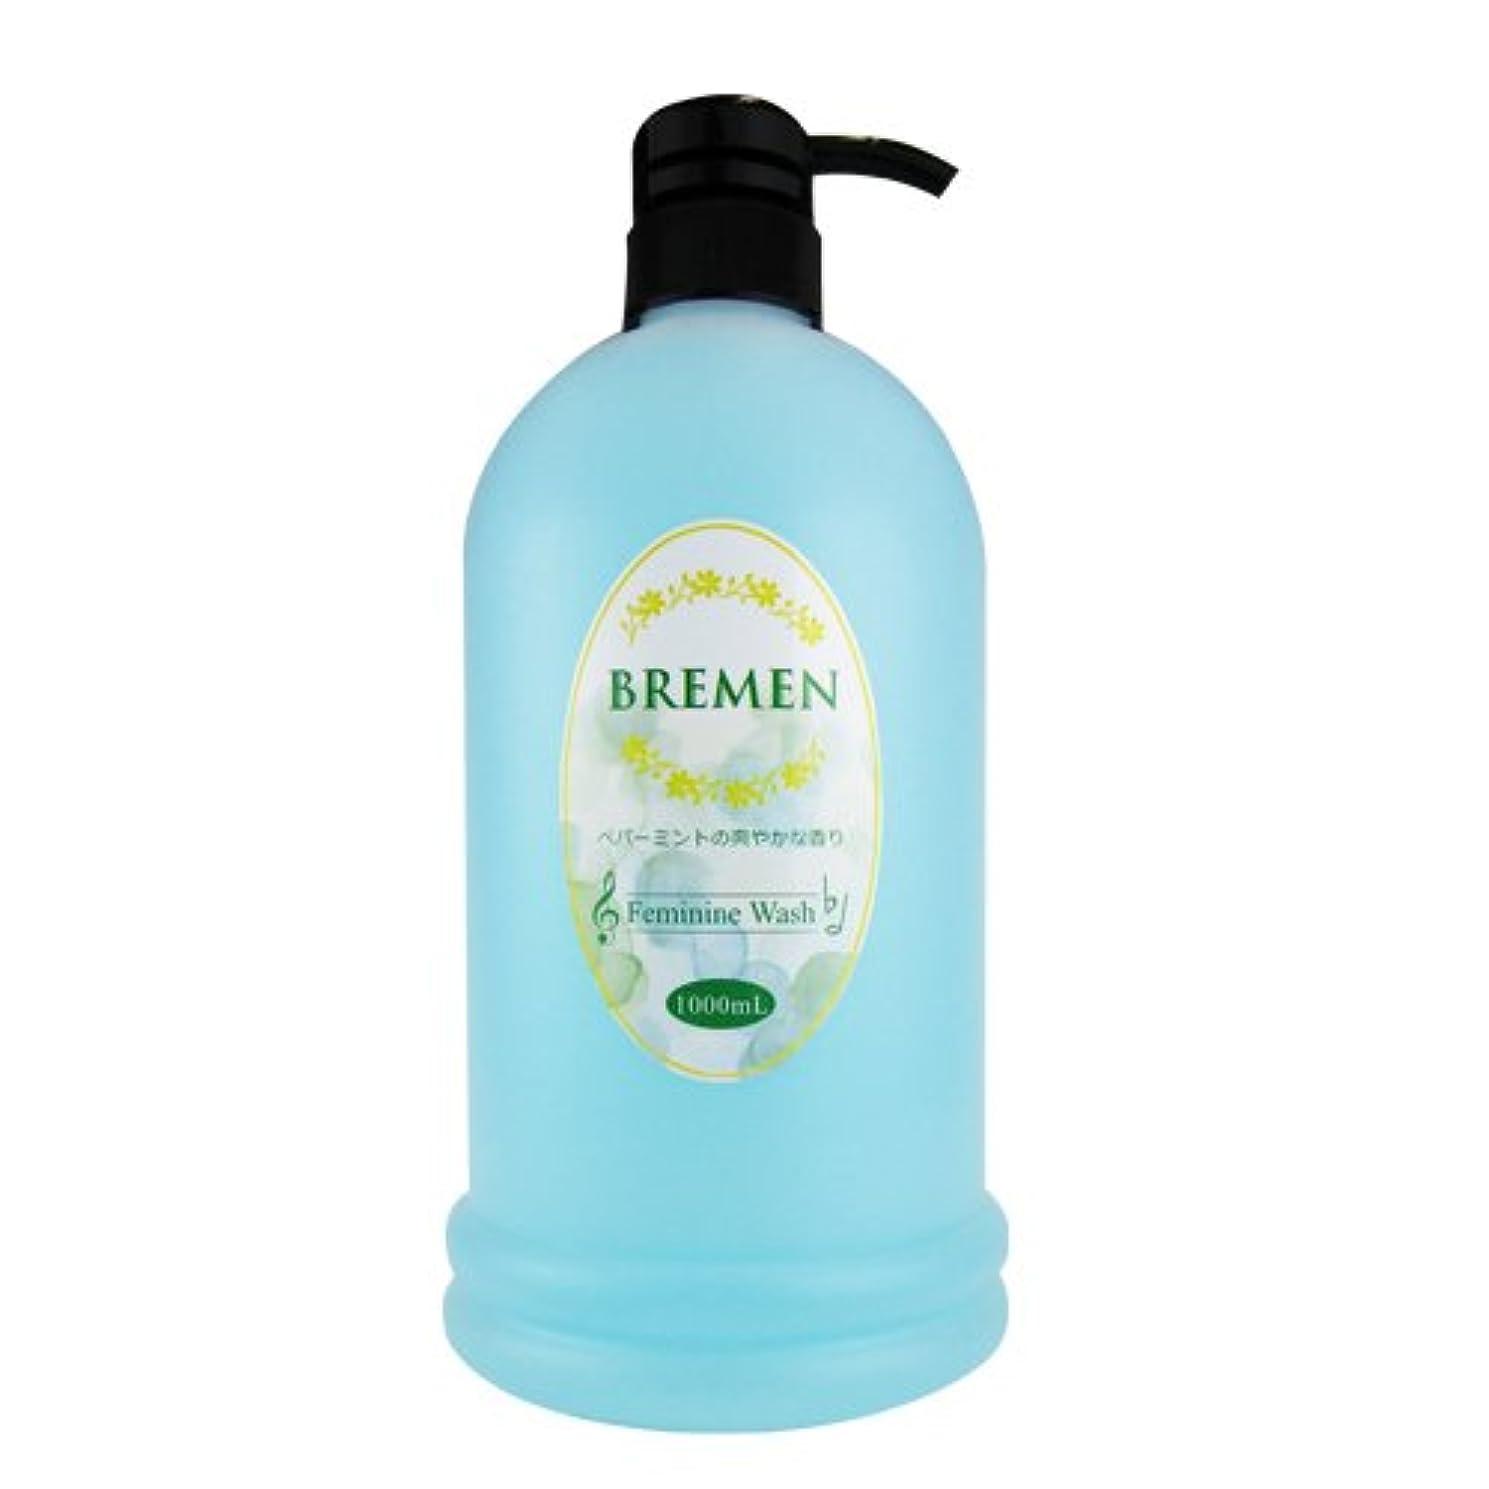 記念碑散髪聞くブレーメン(BREMEN) フェミニンウォッシュ(Feminine Wash) 1000ml ペパーミントの爽やかな香り